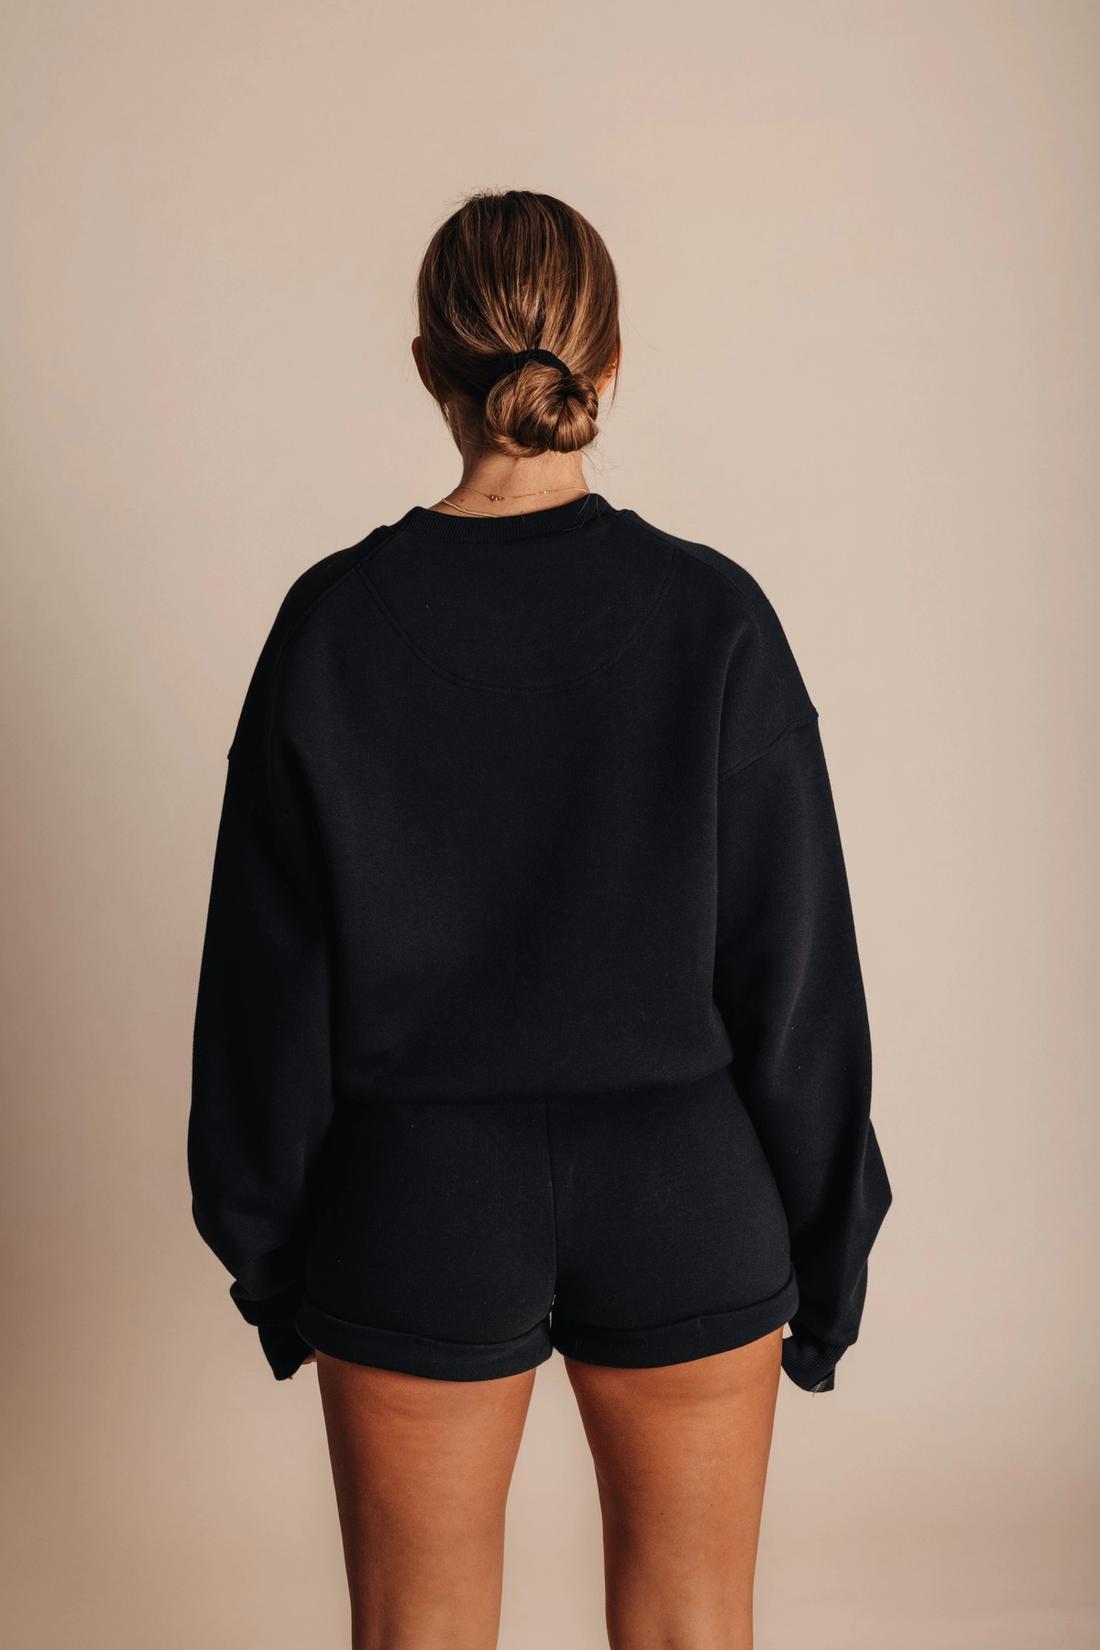 The Basic Shorts